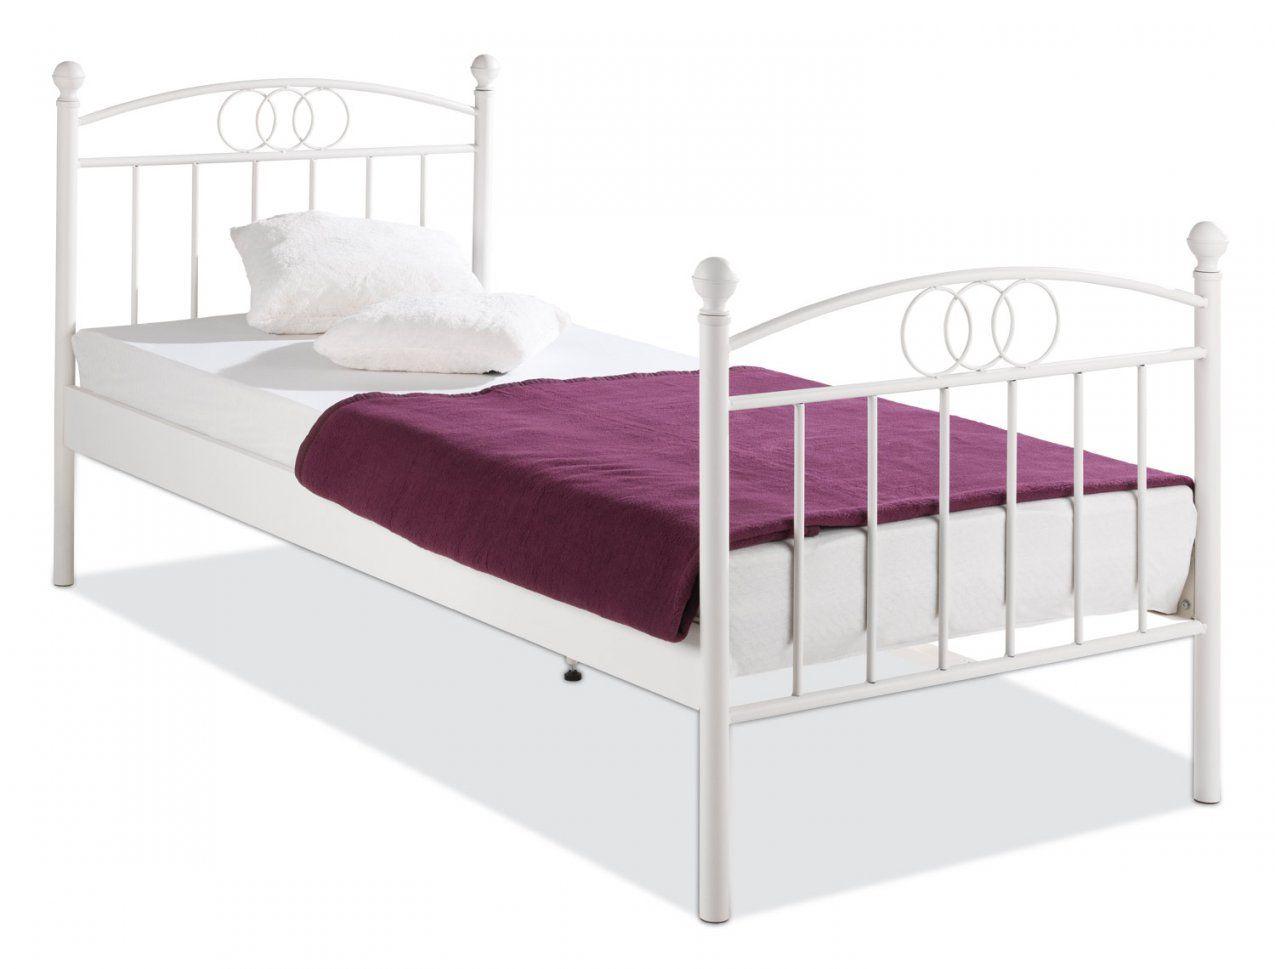 Weisses Einzelbett  Dibinekadar Decoration von Bett Metall Weiß 90X200 Bild